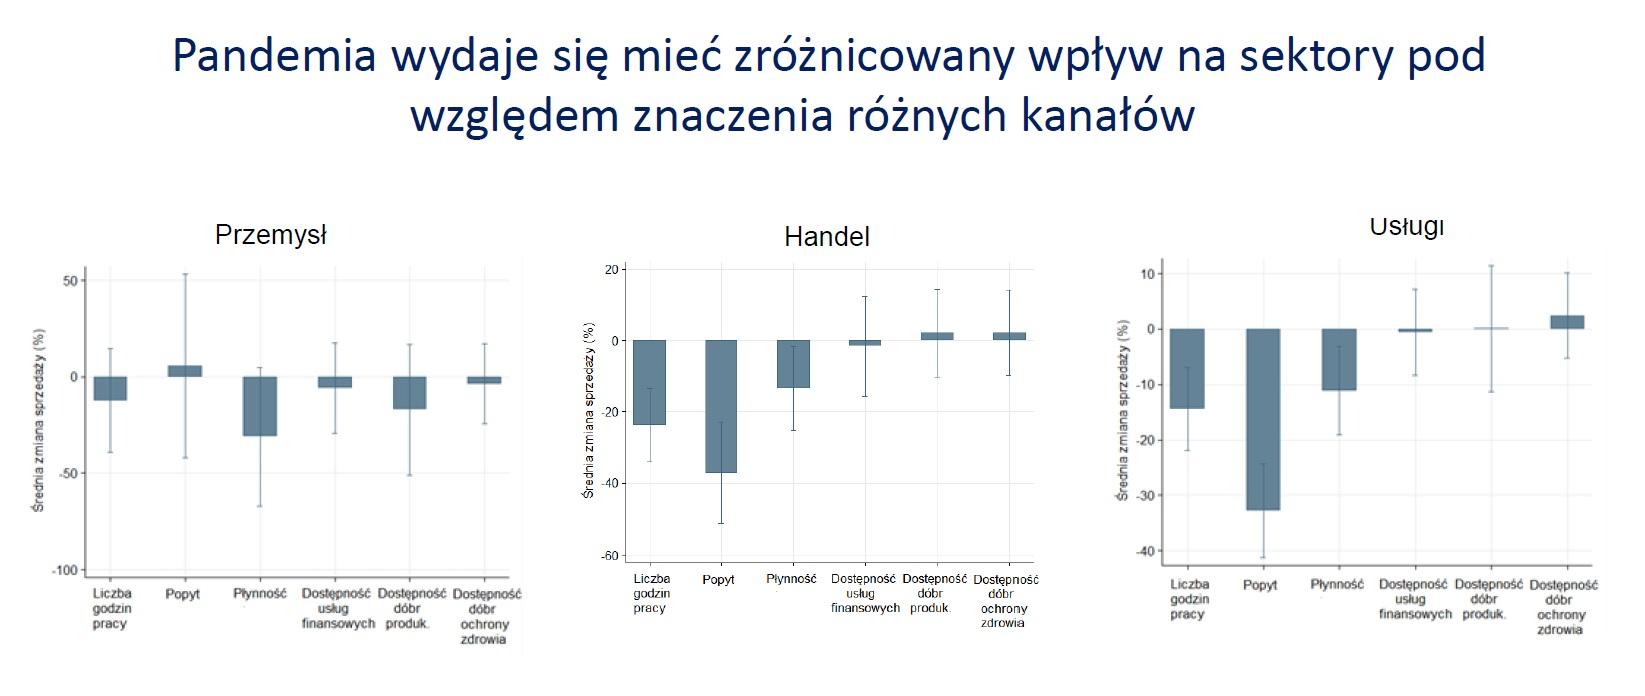 Zróżnicowany wpływ pandemii na sektory (Źródło: COVID-19 Business Pulse Survey - Polska)